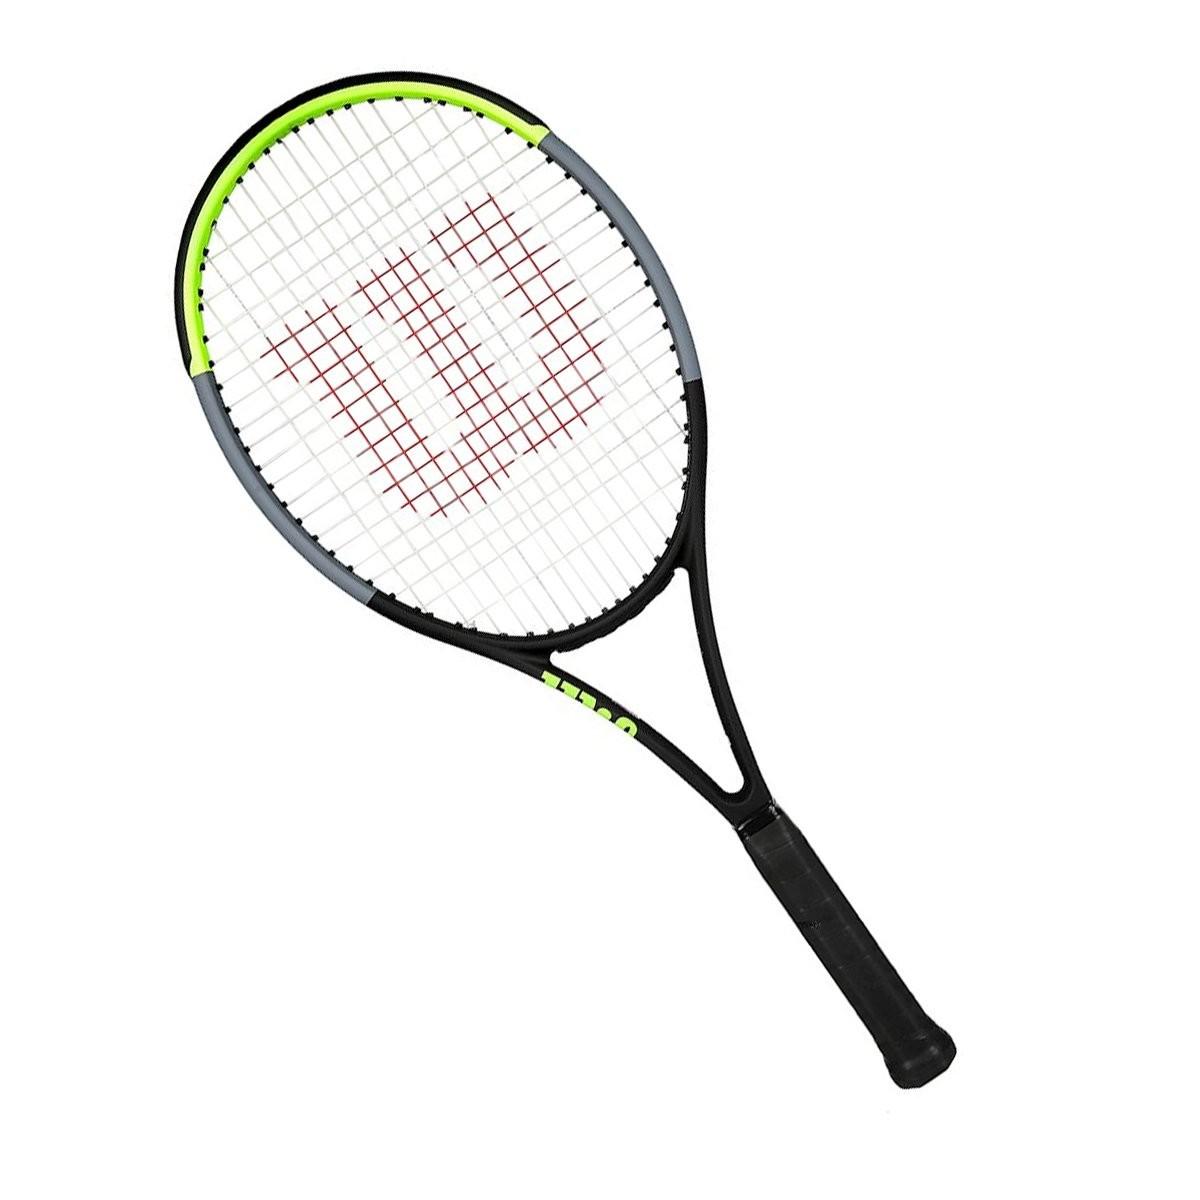 Raquete de Tênis Wilson Blade 100UL  - v7.0